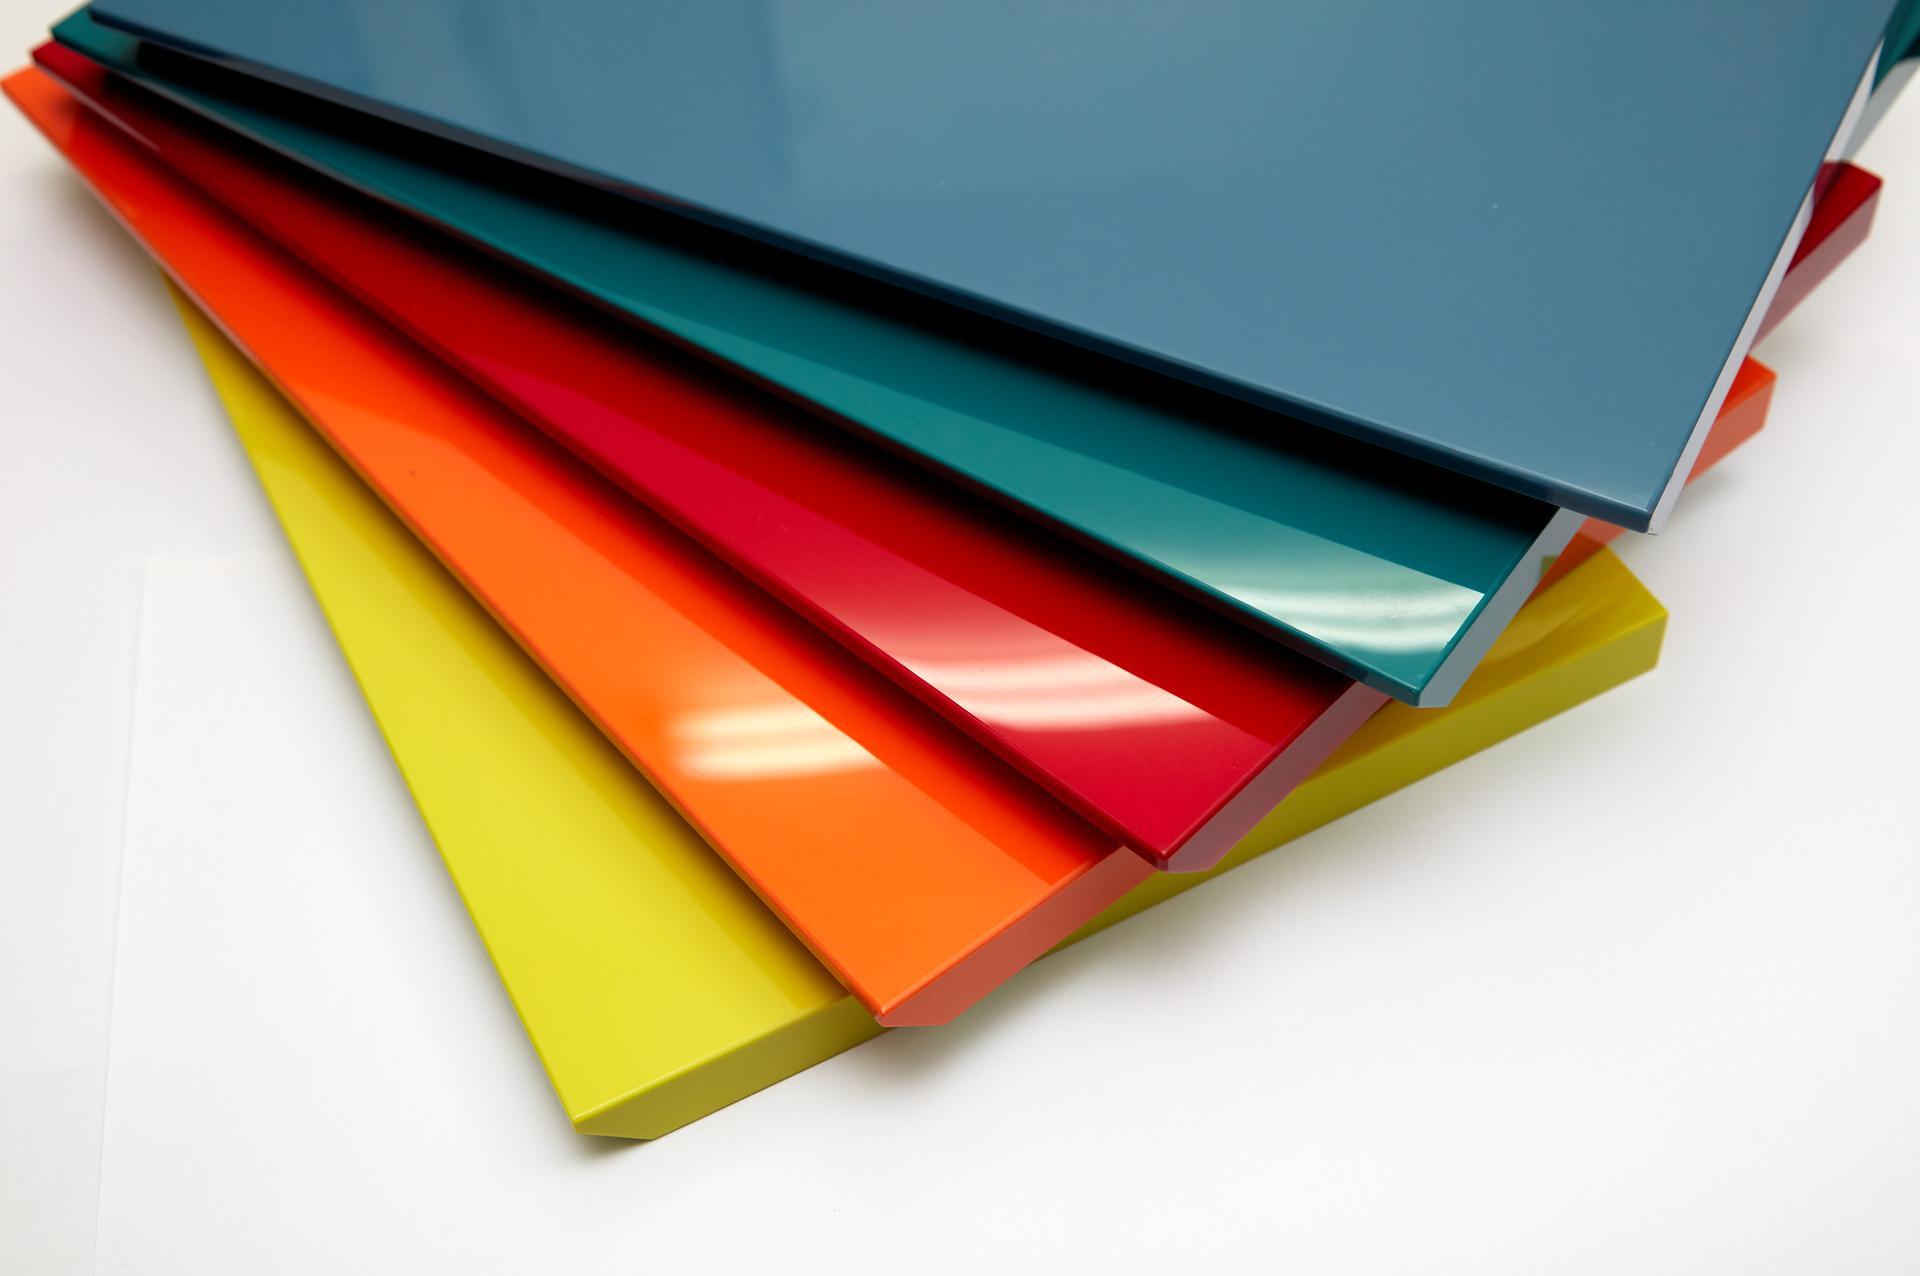 Acrylic là gì? Ưu và nhược điểm của Acrylic